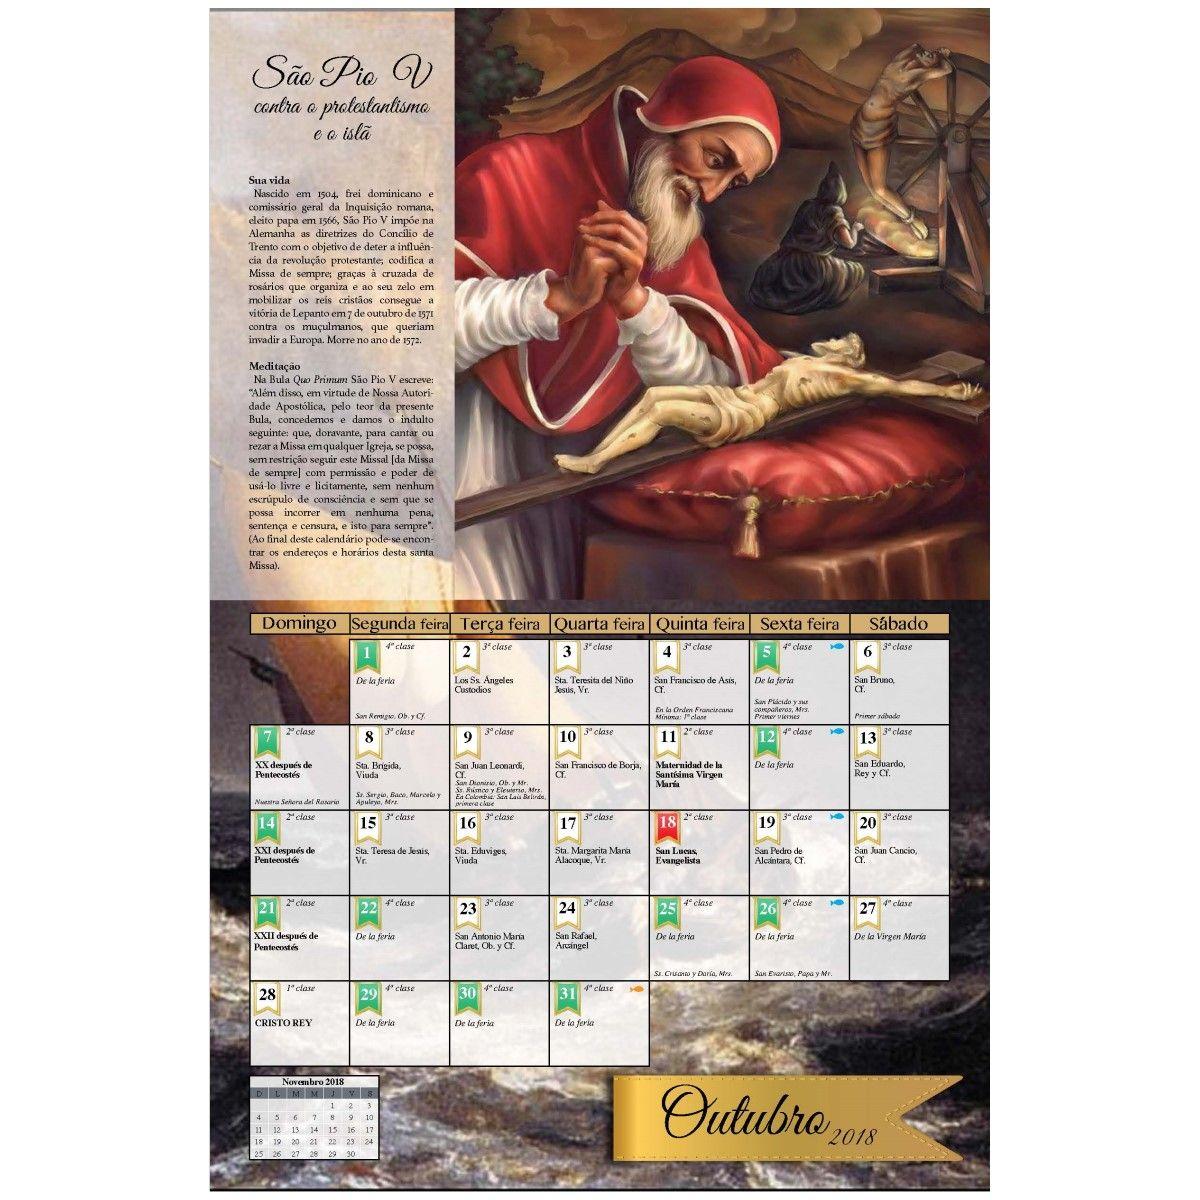 Calendário Litúrgico 2018 - Fraternidade Sacerdotal São Pio X